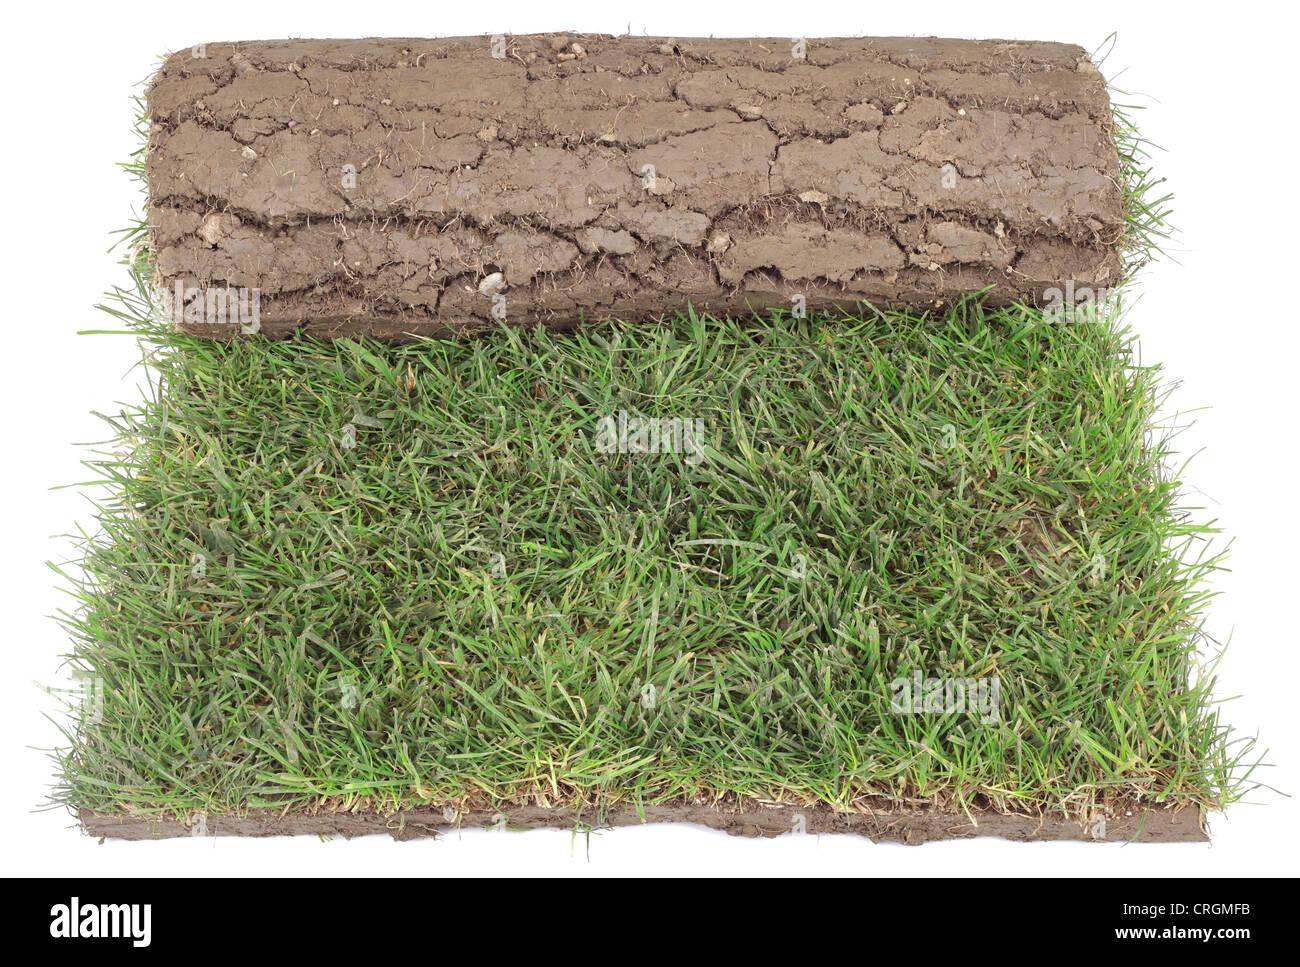 Rouleau de tapis d'herbe pour l'aménagement paysager isolé sur fond blanc Photo Stock